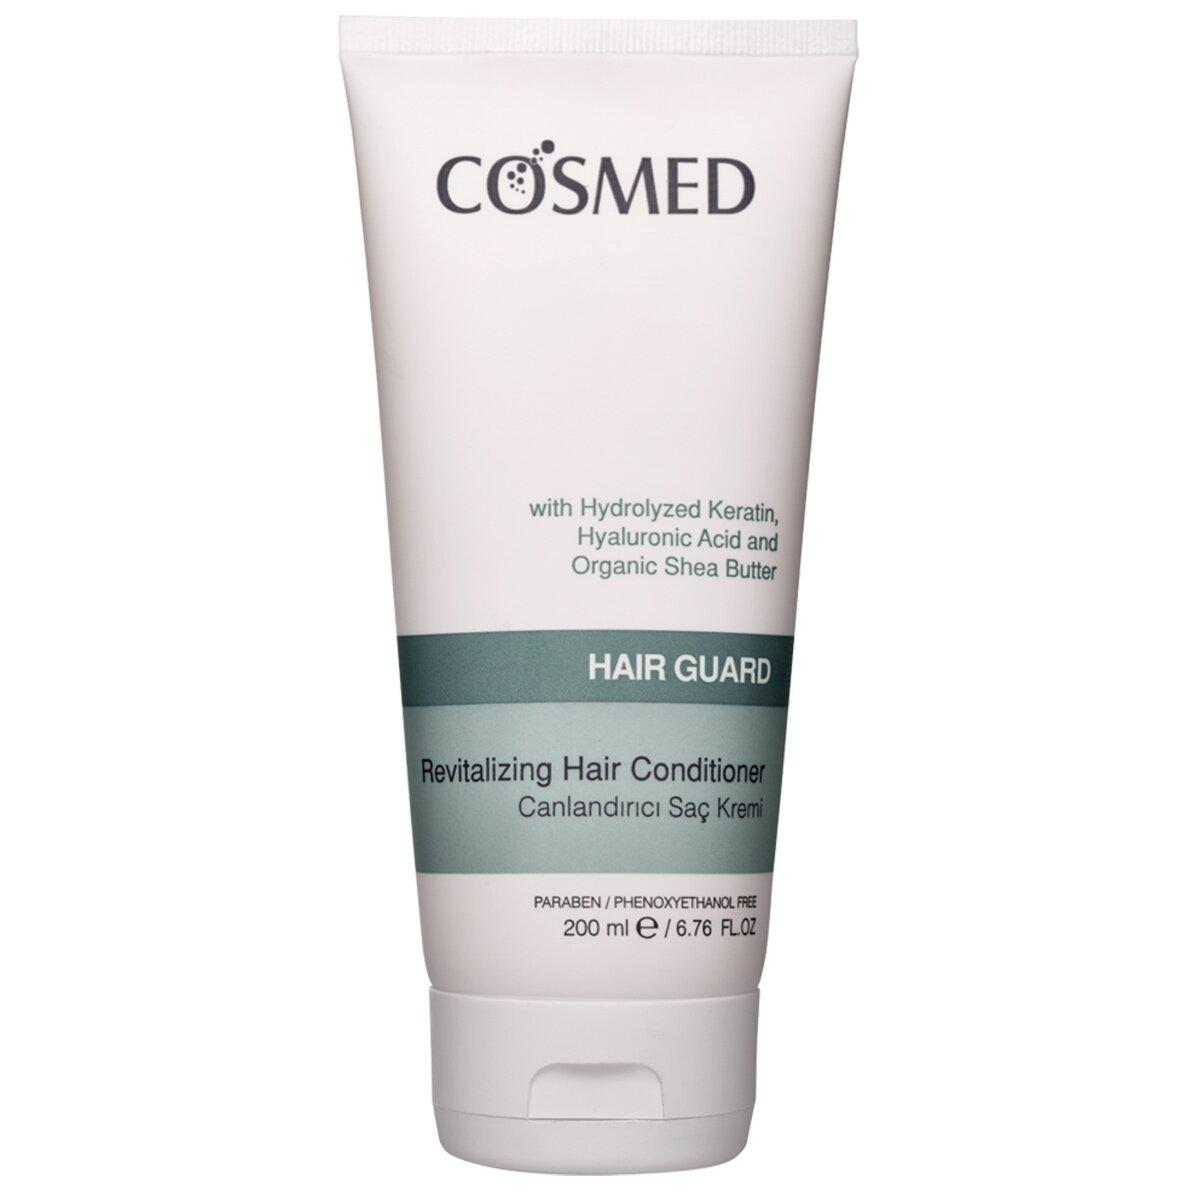 Hair Guard Canlandırıcı Saç Kremi 200 ml